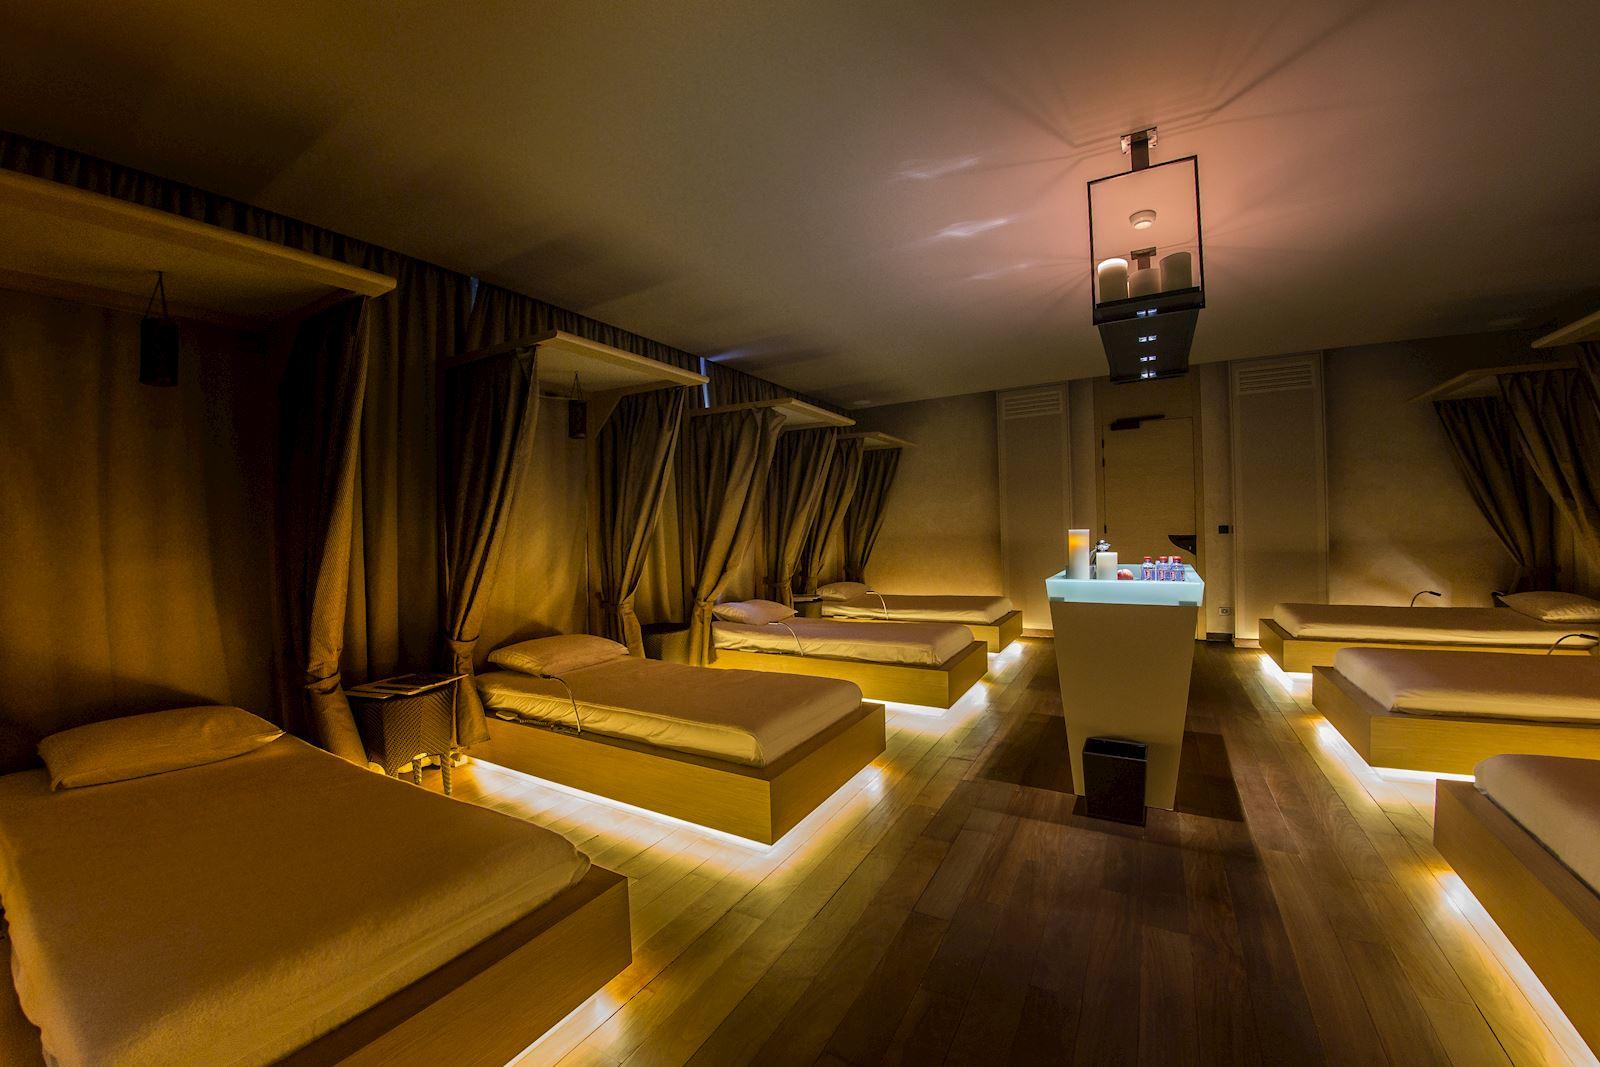 Terre Blanche Spa сочетает в себе традиционные и современные методы лечения, инновационные технологии и косметические ритуалы от KOS Paris и VALMONT проводятся опытной командой терапевтов.